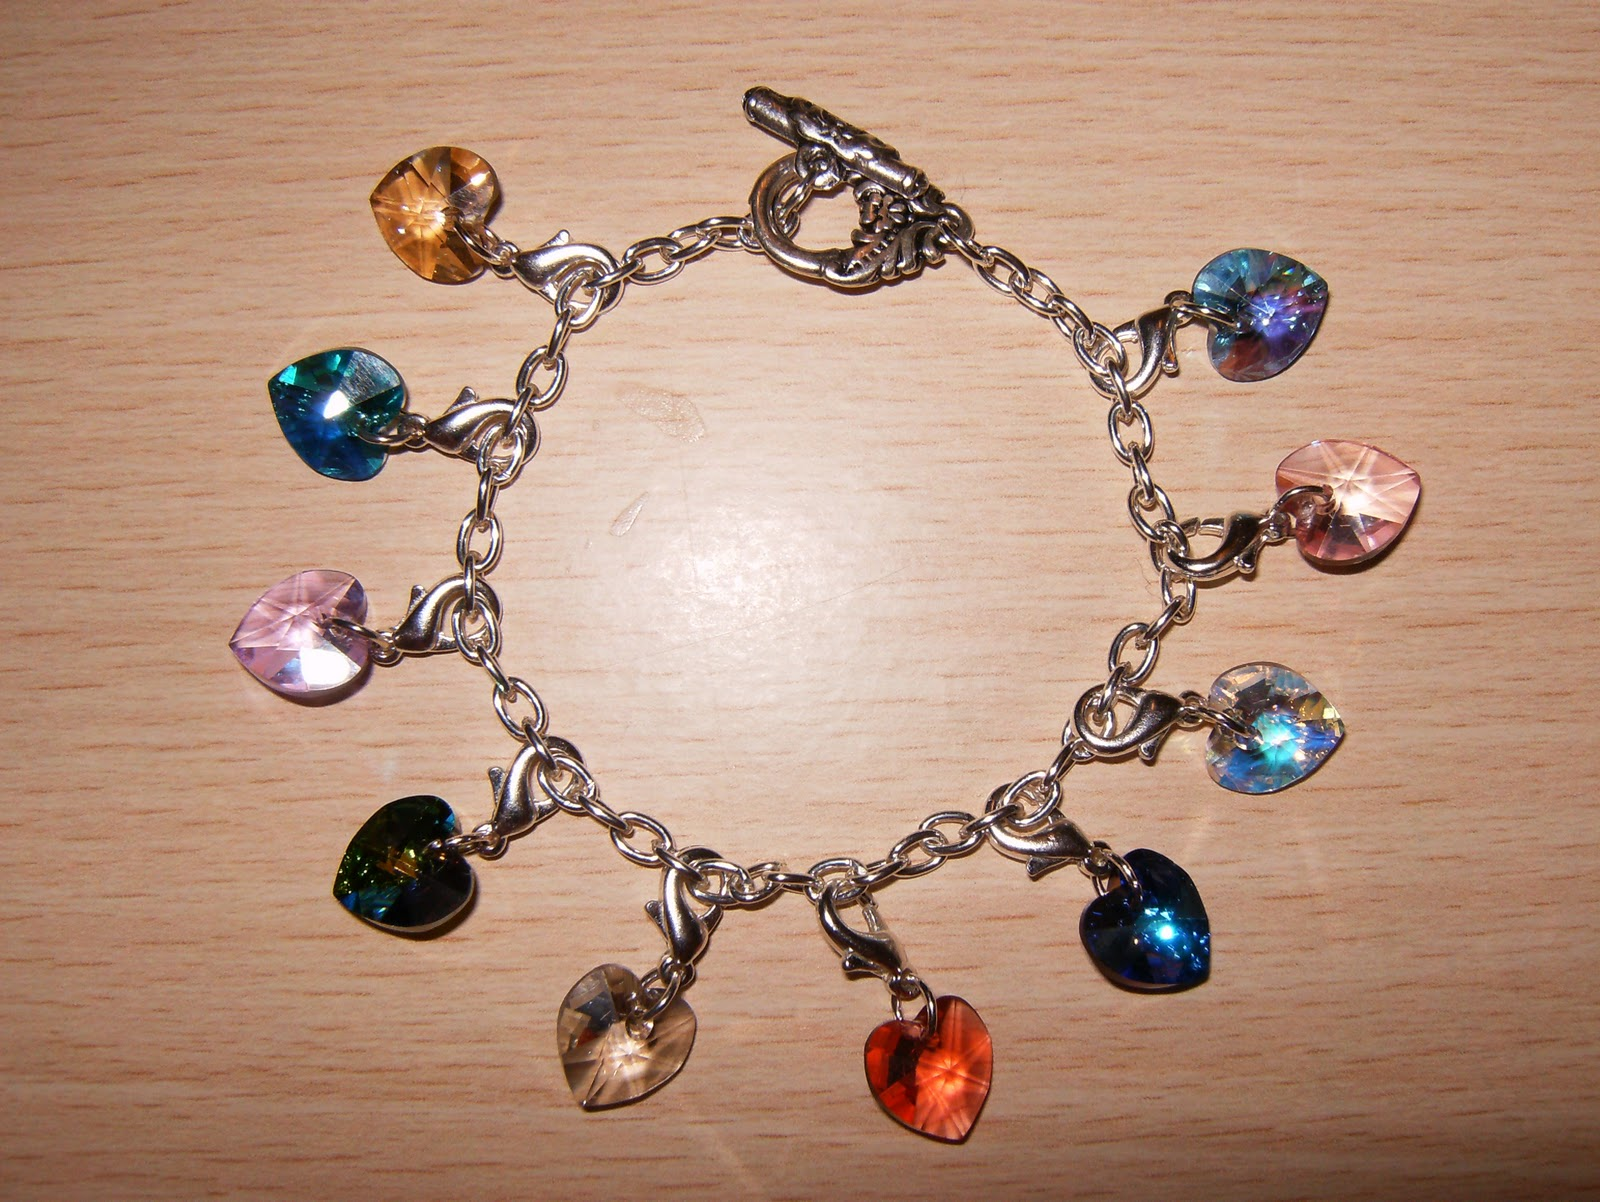 1eb02d339079 Pulseras de cristal de swarovski. Pulsera de charms swarovski de corazones  en diferentes colores